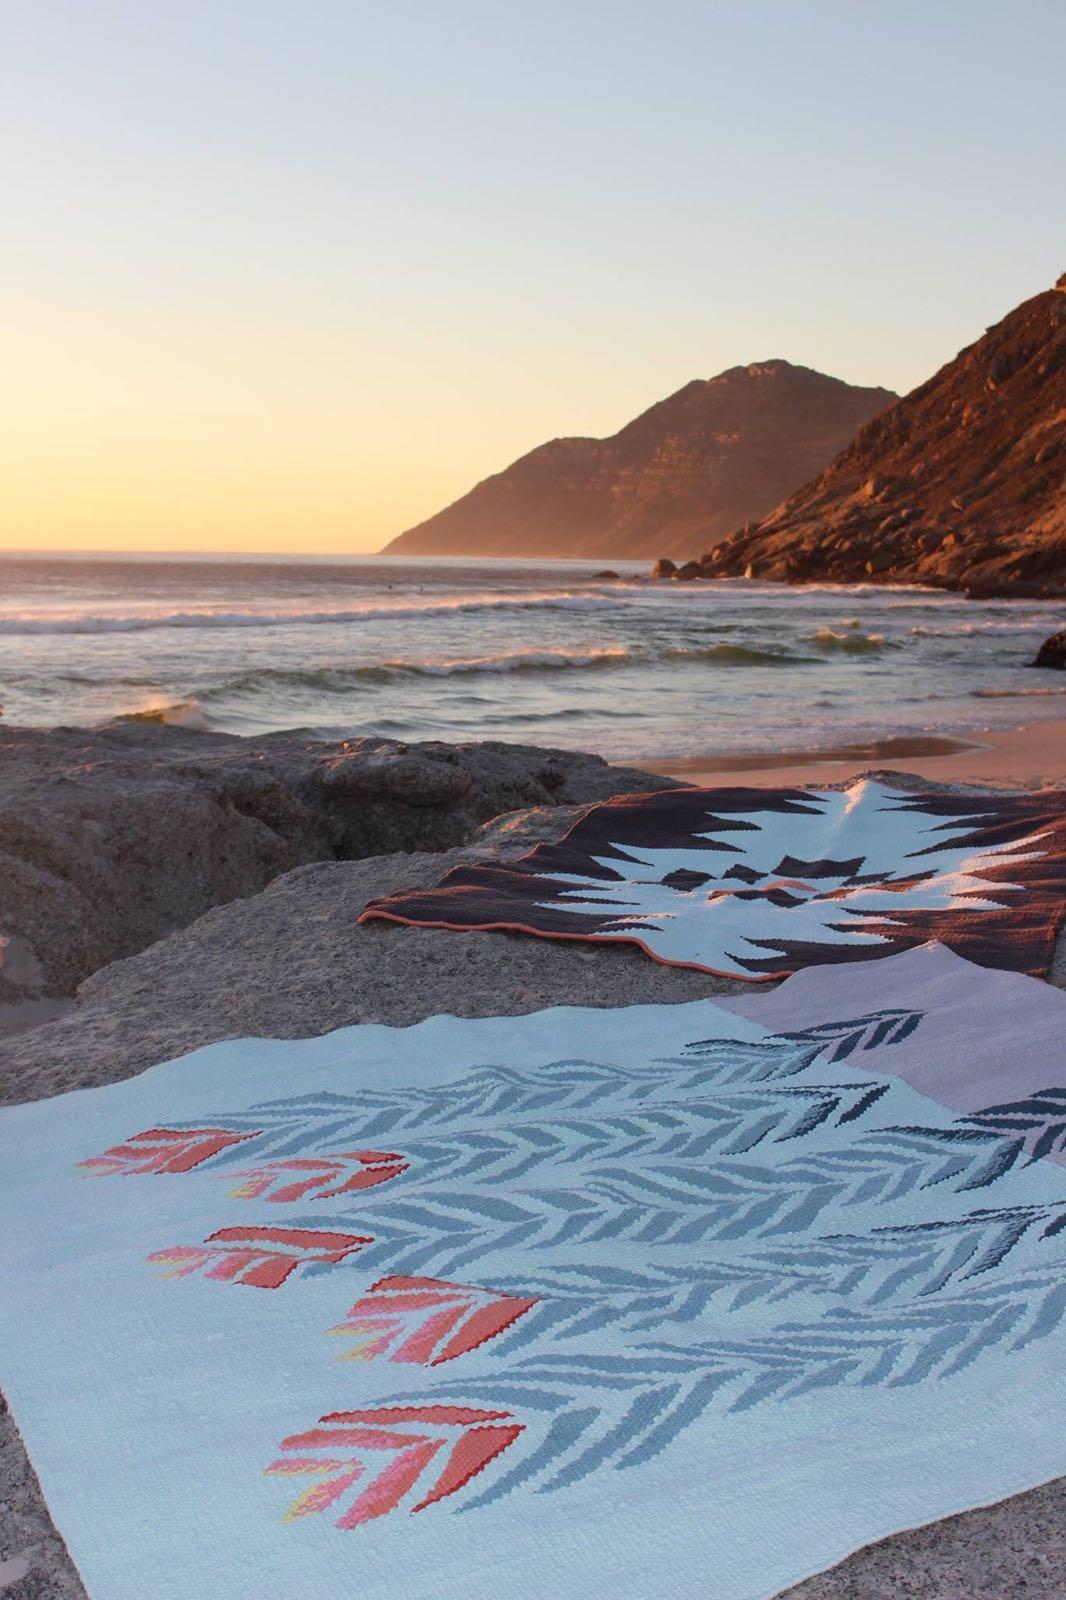 cotton rugs on noordhoek beach.JPG